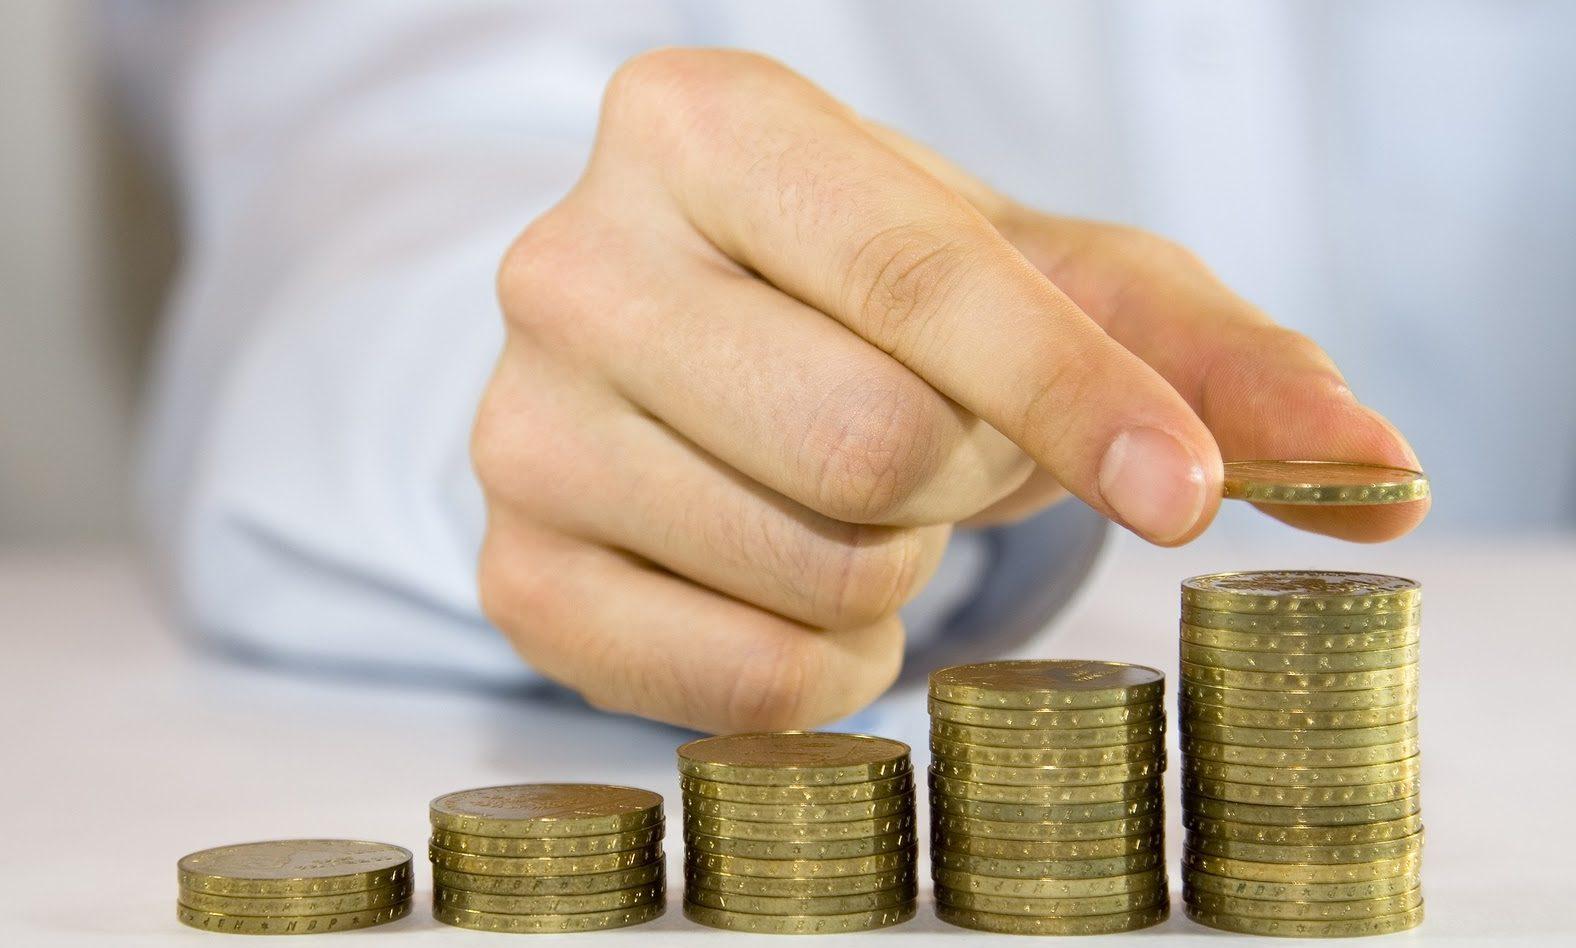 hogyan lehet tisztességesen jó pénzt keresni